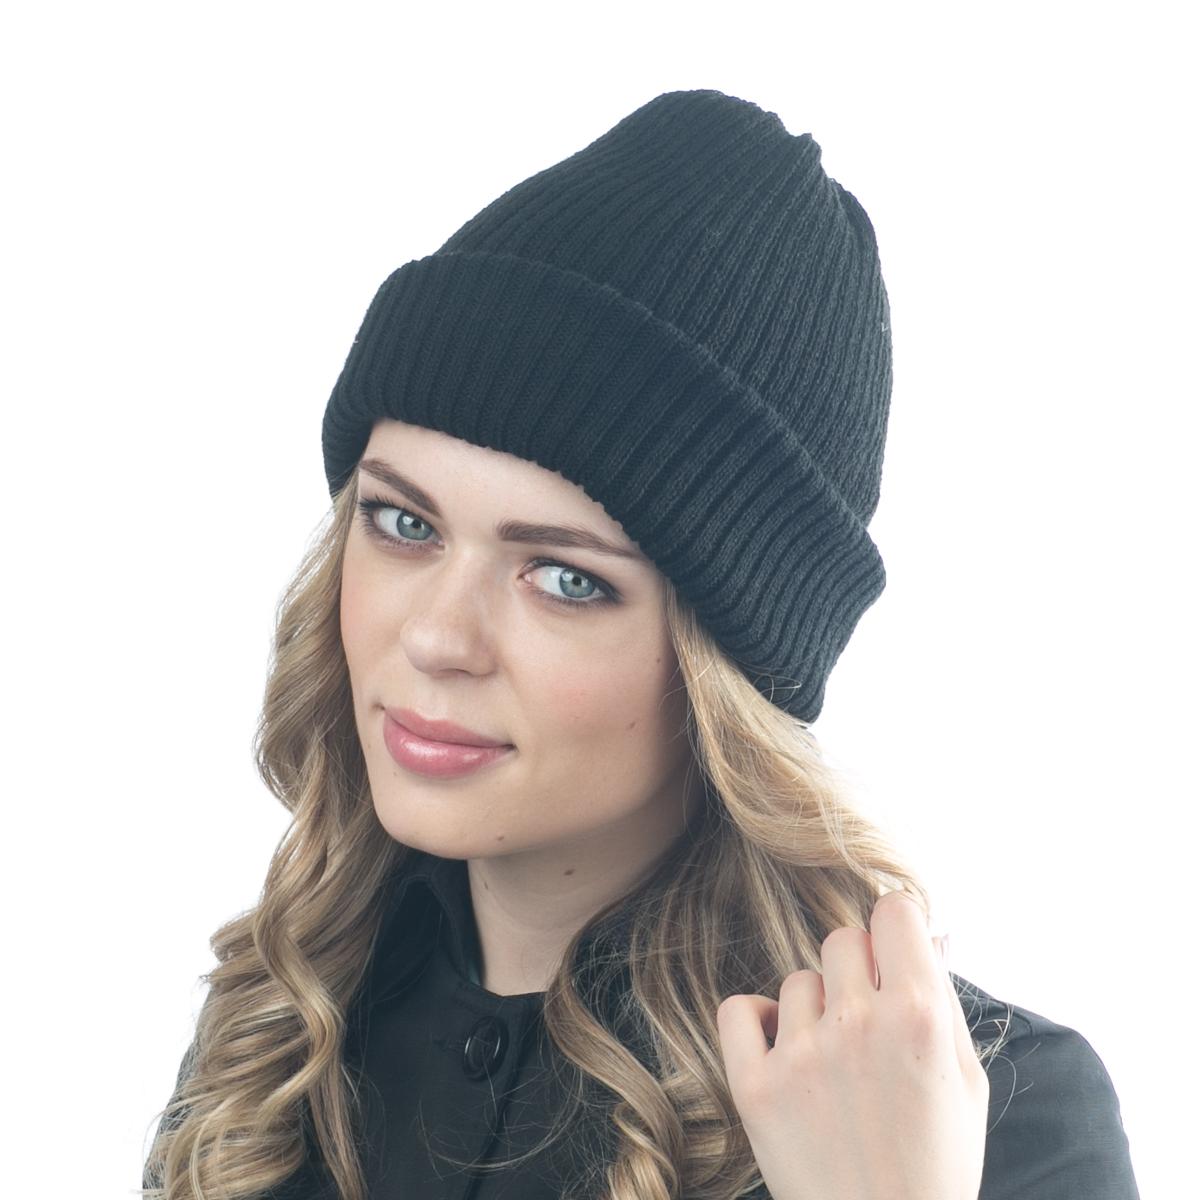 Шапка женская Flioraj, цвет: черный. 07FJ. Размер 56/5807FJДвухсторонняя шерстяная шапка от Flioraj, выполненная из полиамида с добавлением шерсти и вискозы, отлично согреет в холодную погоду. Состав пряжи делает изделие мягким, теплым и комфортным. Одна сторона выполнена актуальными мелкими косами, вторая сторона - не менее актуальной резинкой. Такую шапочку можно носить с любым видом верхней одежды, достаточно только определиться с цветом.